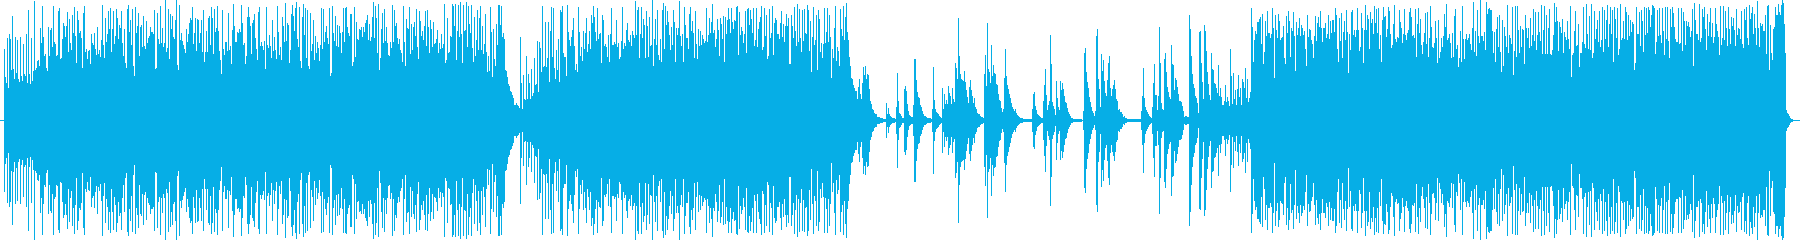 決闘シーンの緊迫したイメージの再生済みの波形